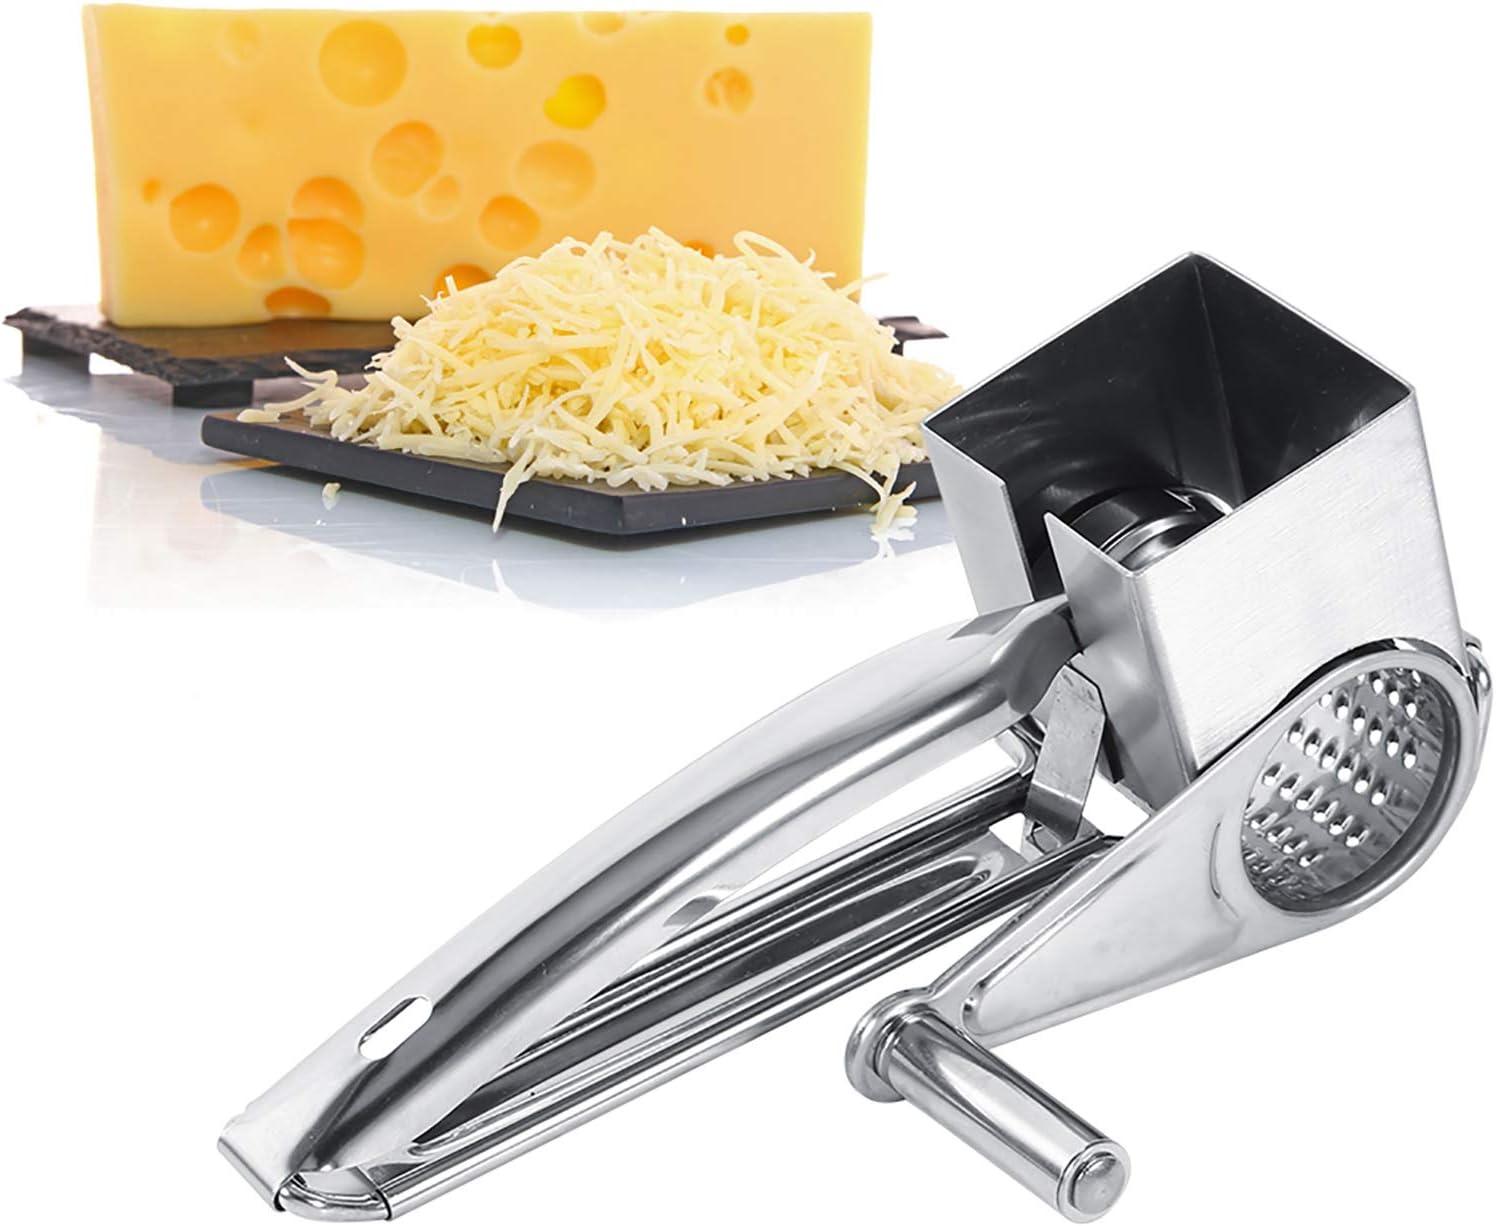 LANTRO JS - Rallador de queso giratorio, rallador de queso de acero inoxidable multifuncional para manualidades de cocina para queso, verduras, chocolate